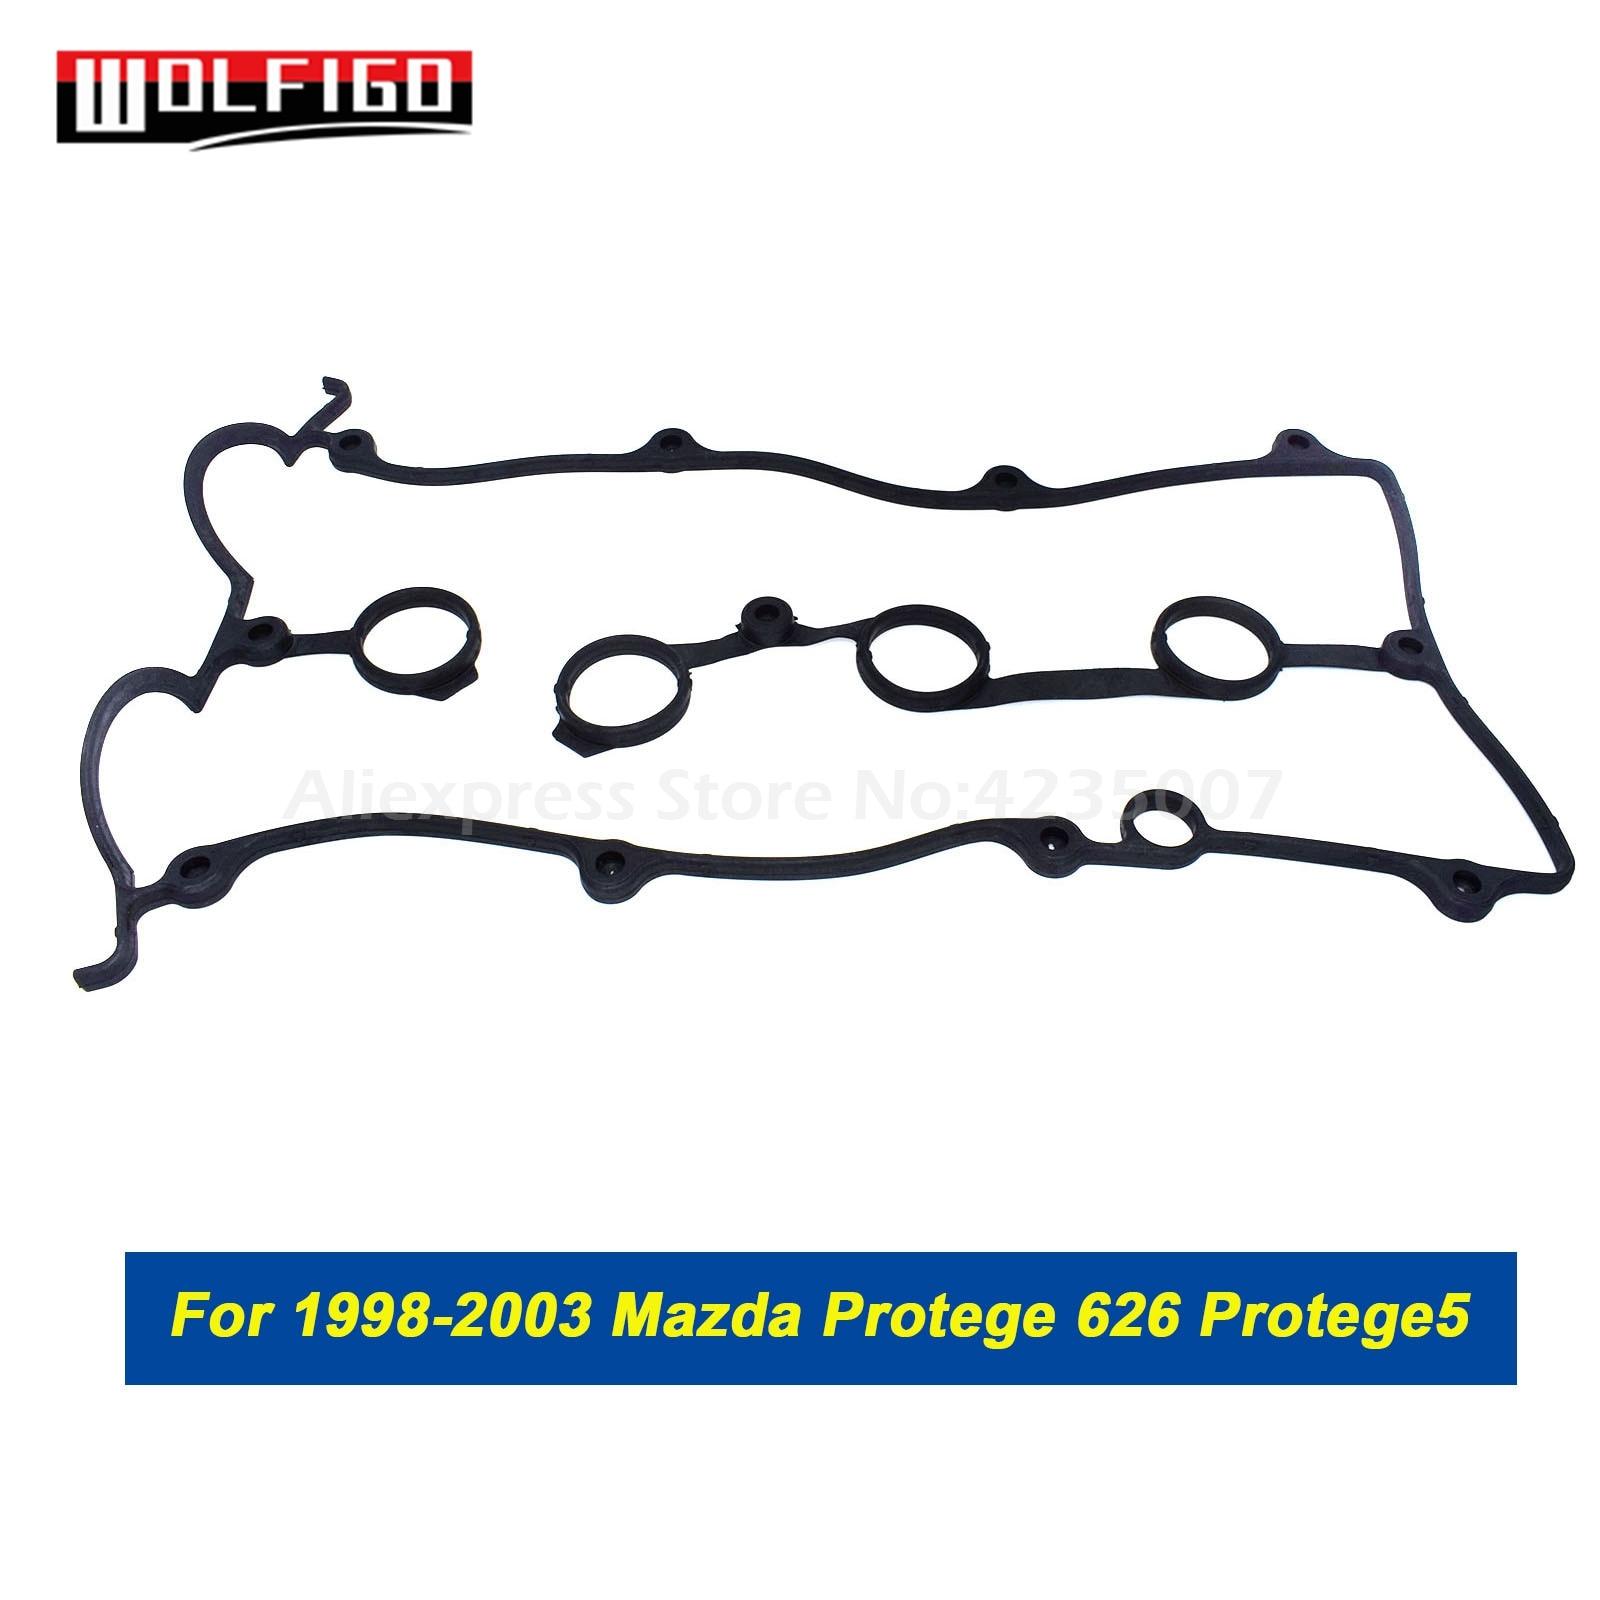 WOLFIGO Neue Motor Ventildeckel Dichtung Set Für Mazda Protege5 Protege 626 1998-2003 09-31164, VC426G